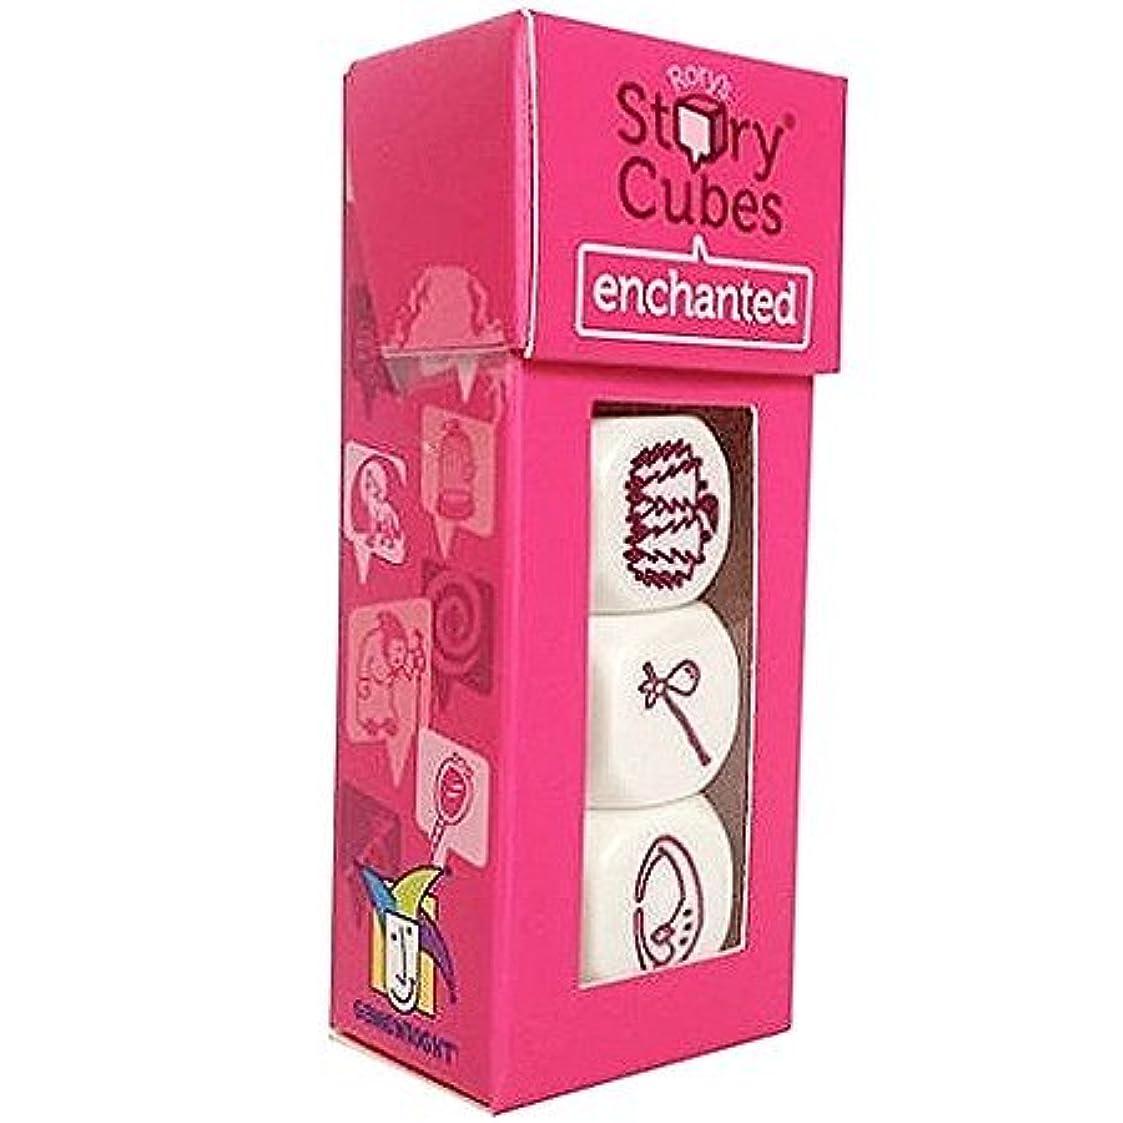 拒絶地質学ボクシングGames - Ceaco Gamewright - Rory's Story Cubes Enchanted Kids New Toys 330-2